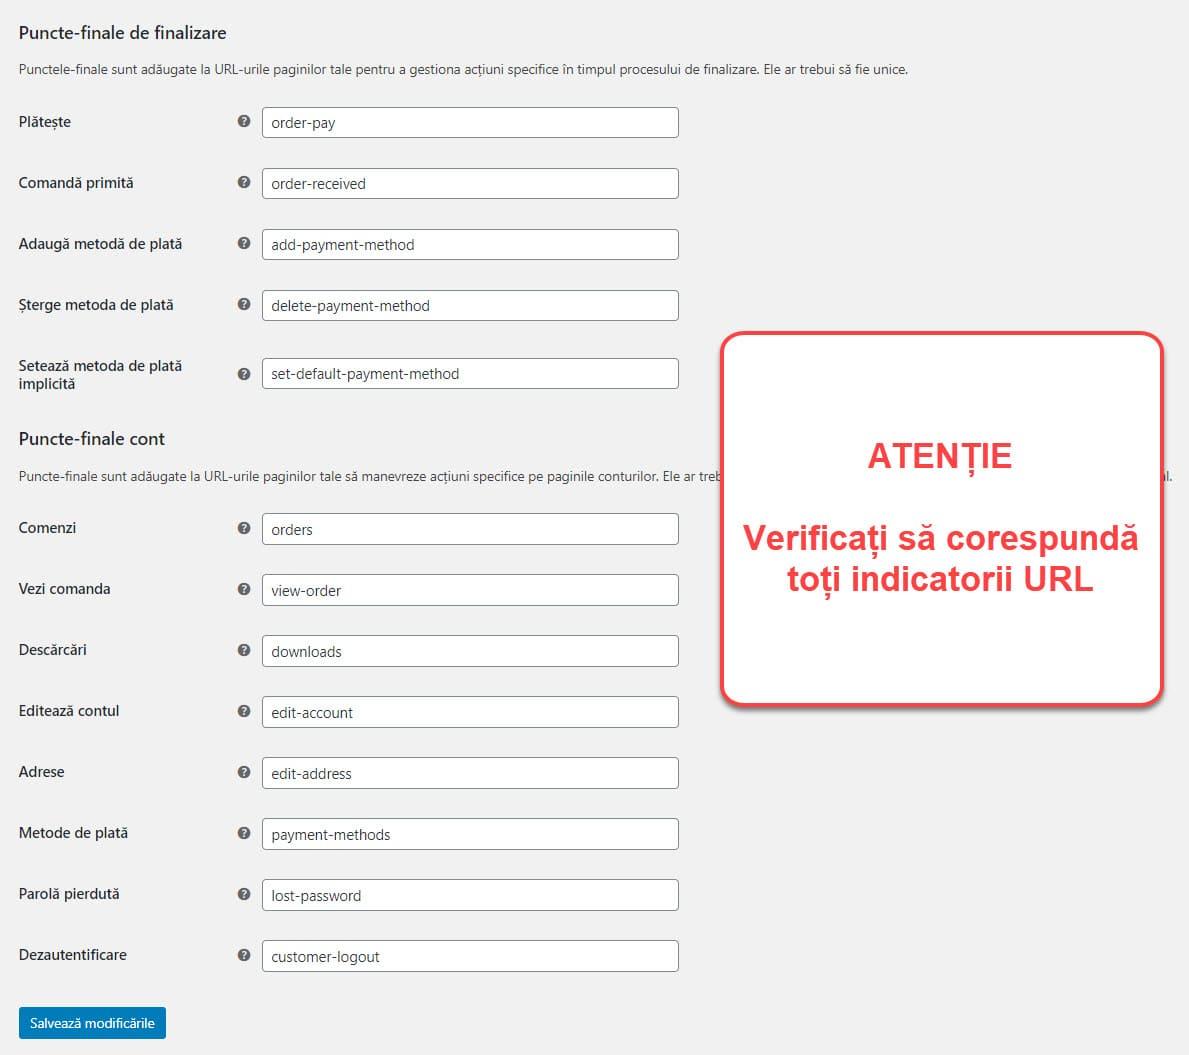 Personalizarea-URL-urilor-finale